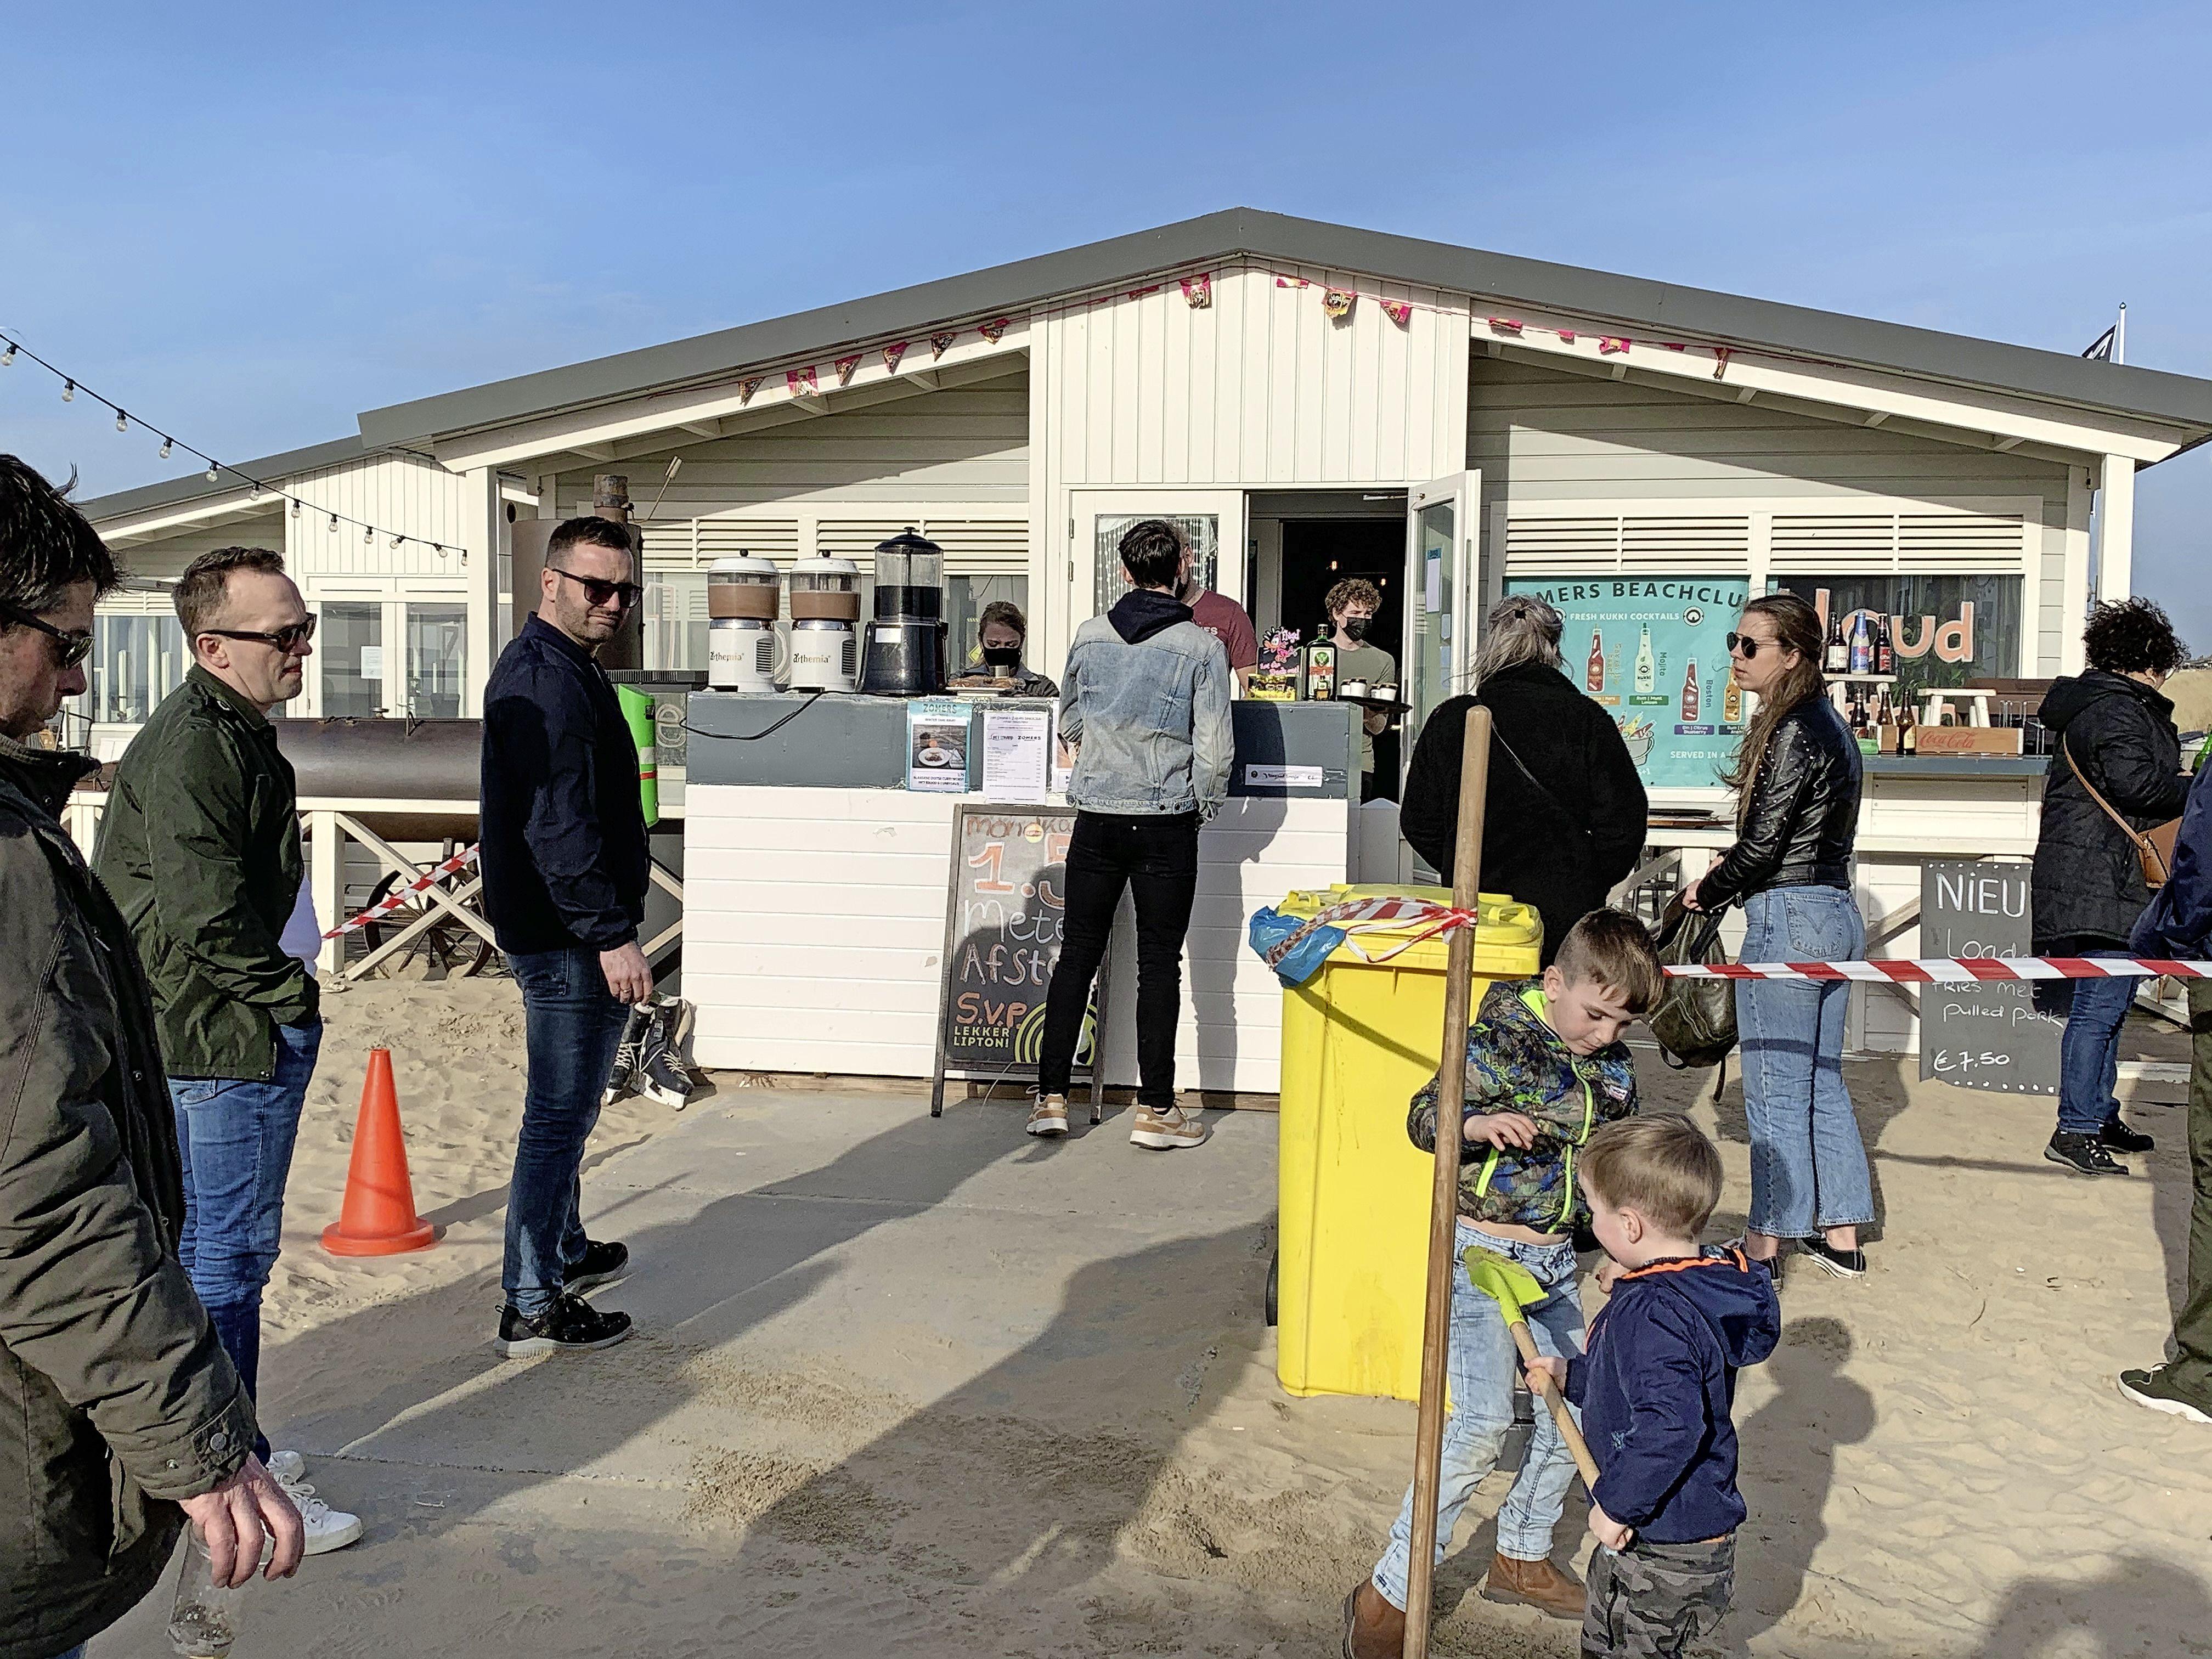 Iedereen wil genieten van de zon, de zee en het Katwijkse strand, maar op een enkele plek is het té gezellig en grijpt de politie in